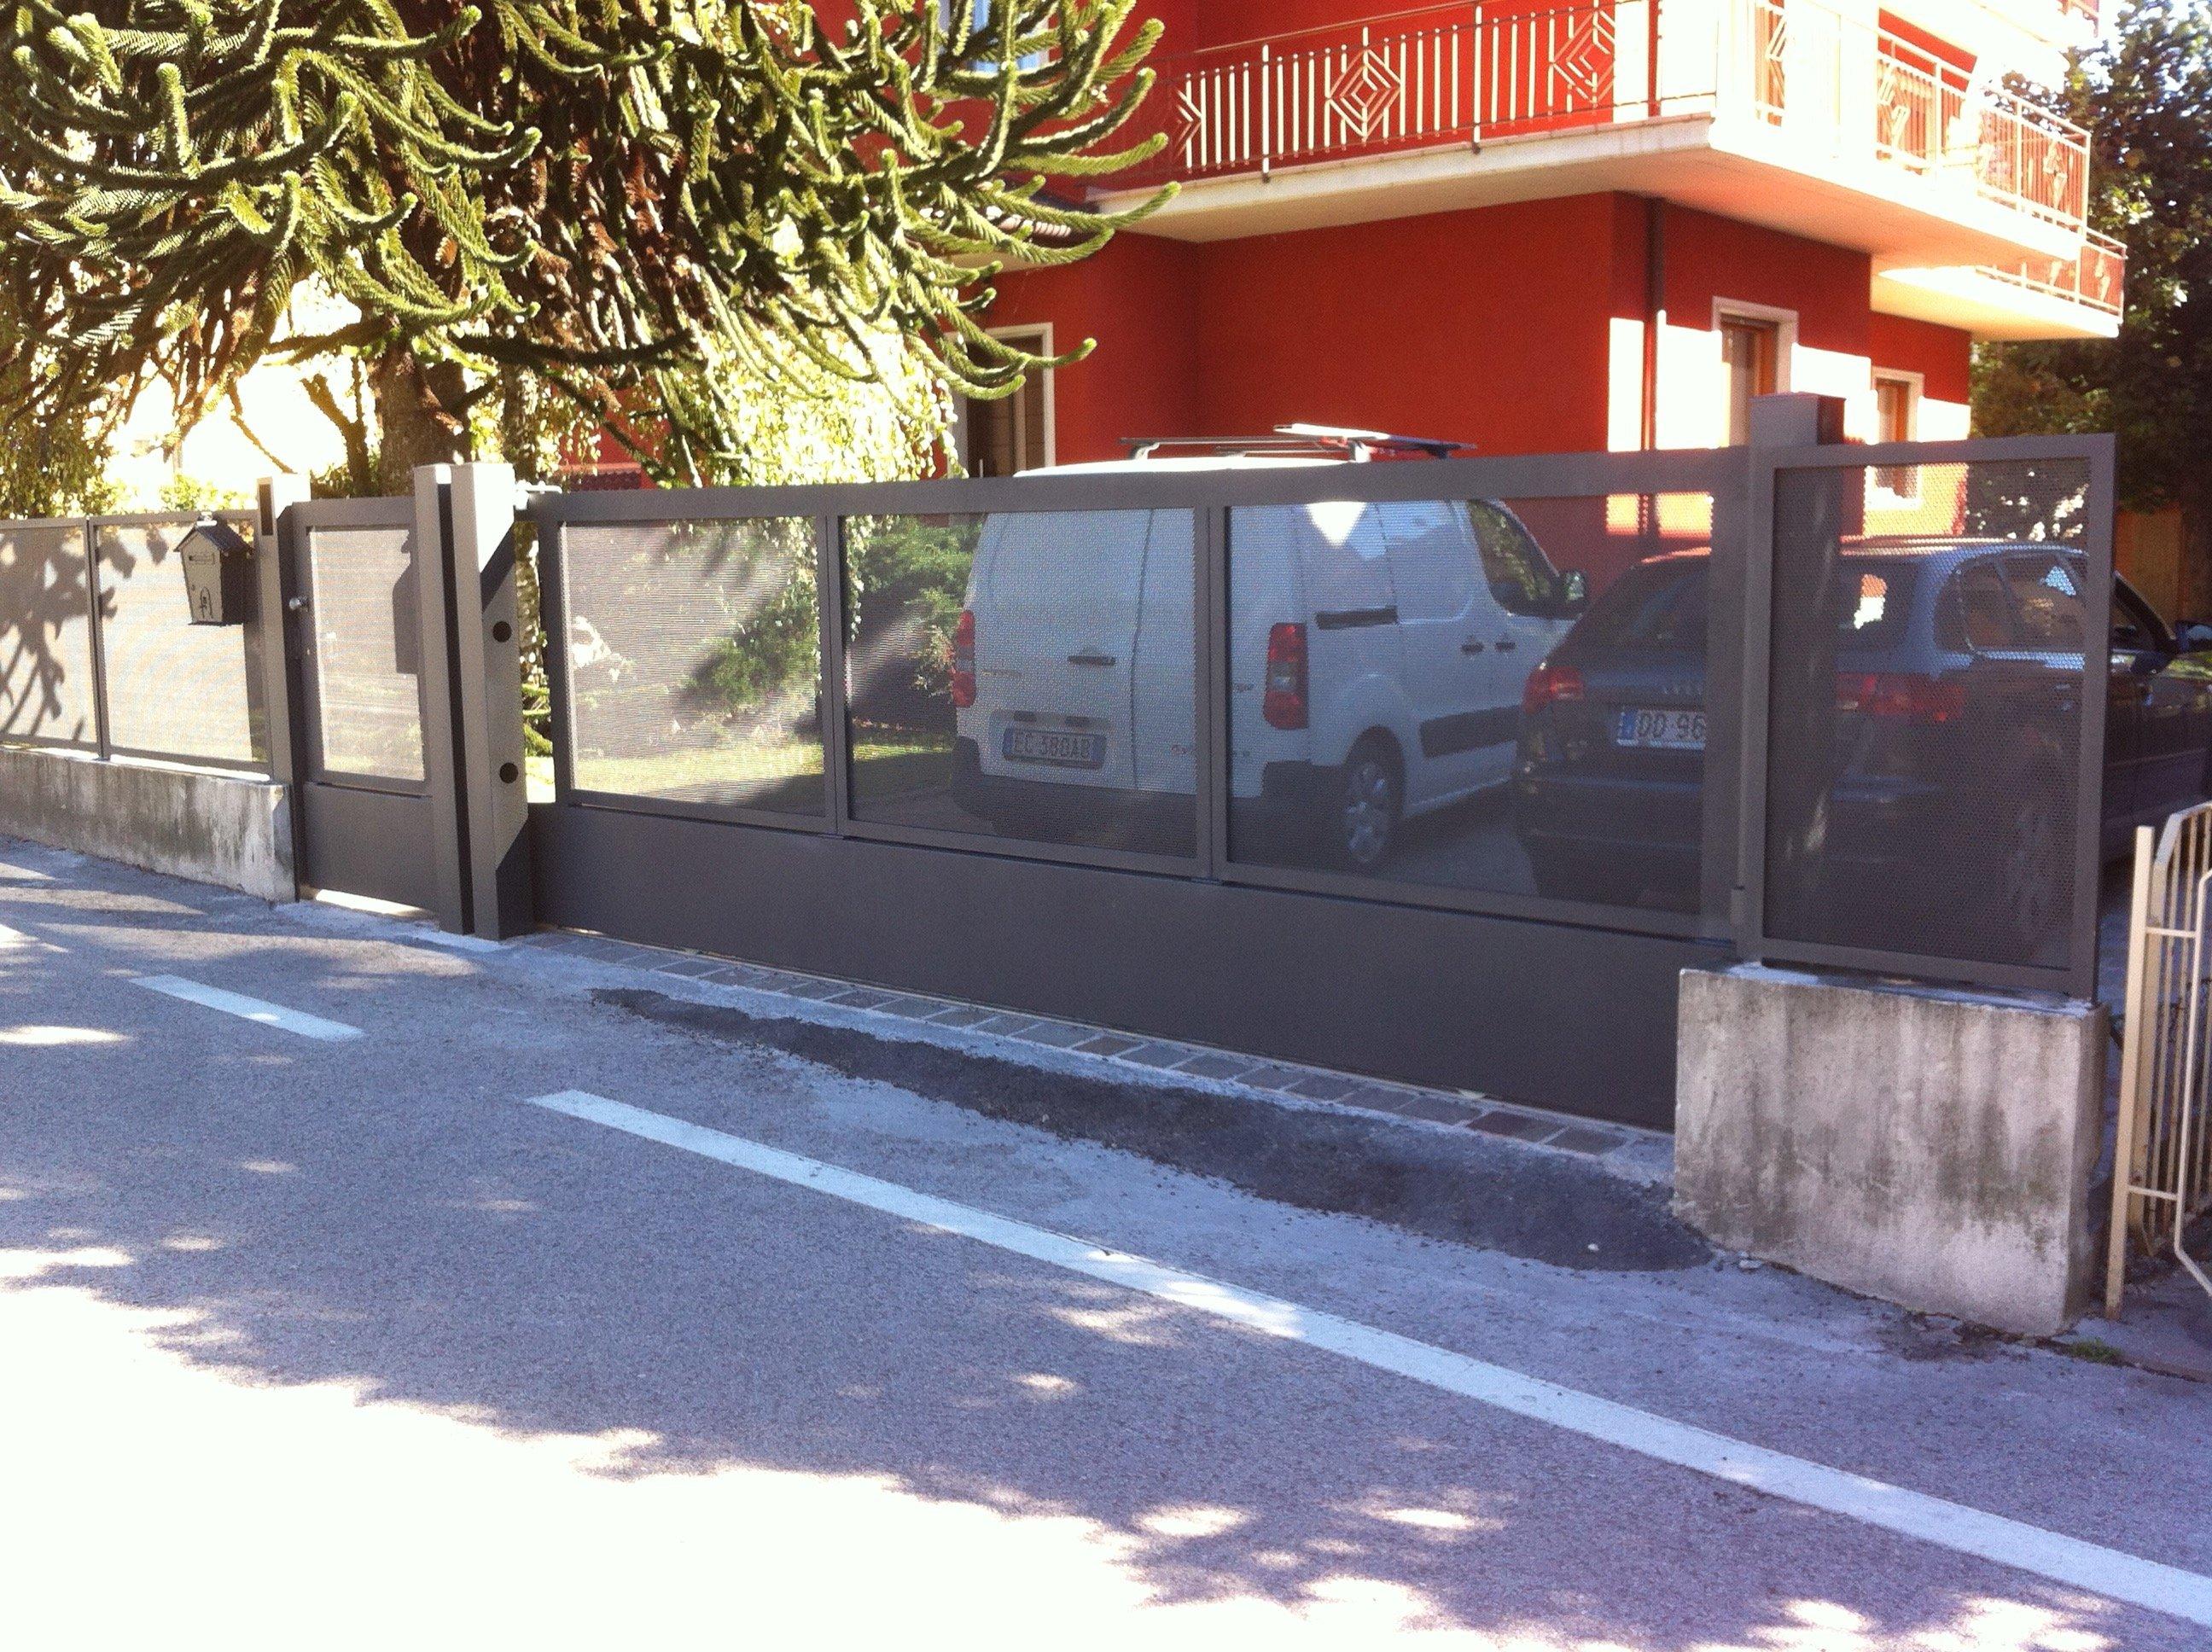 un cancello in ferro e vetro all'esterno di un condominio di color rosso e dentro dei veicoli parcheggiati